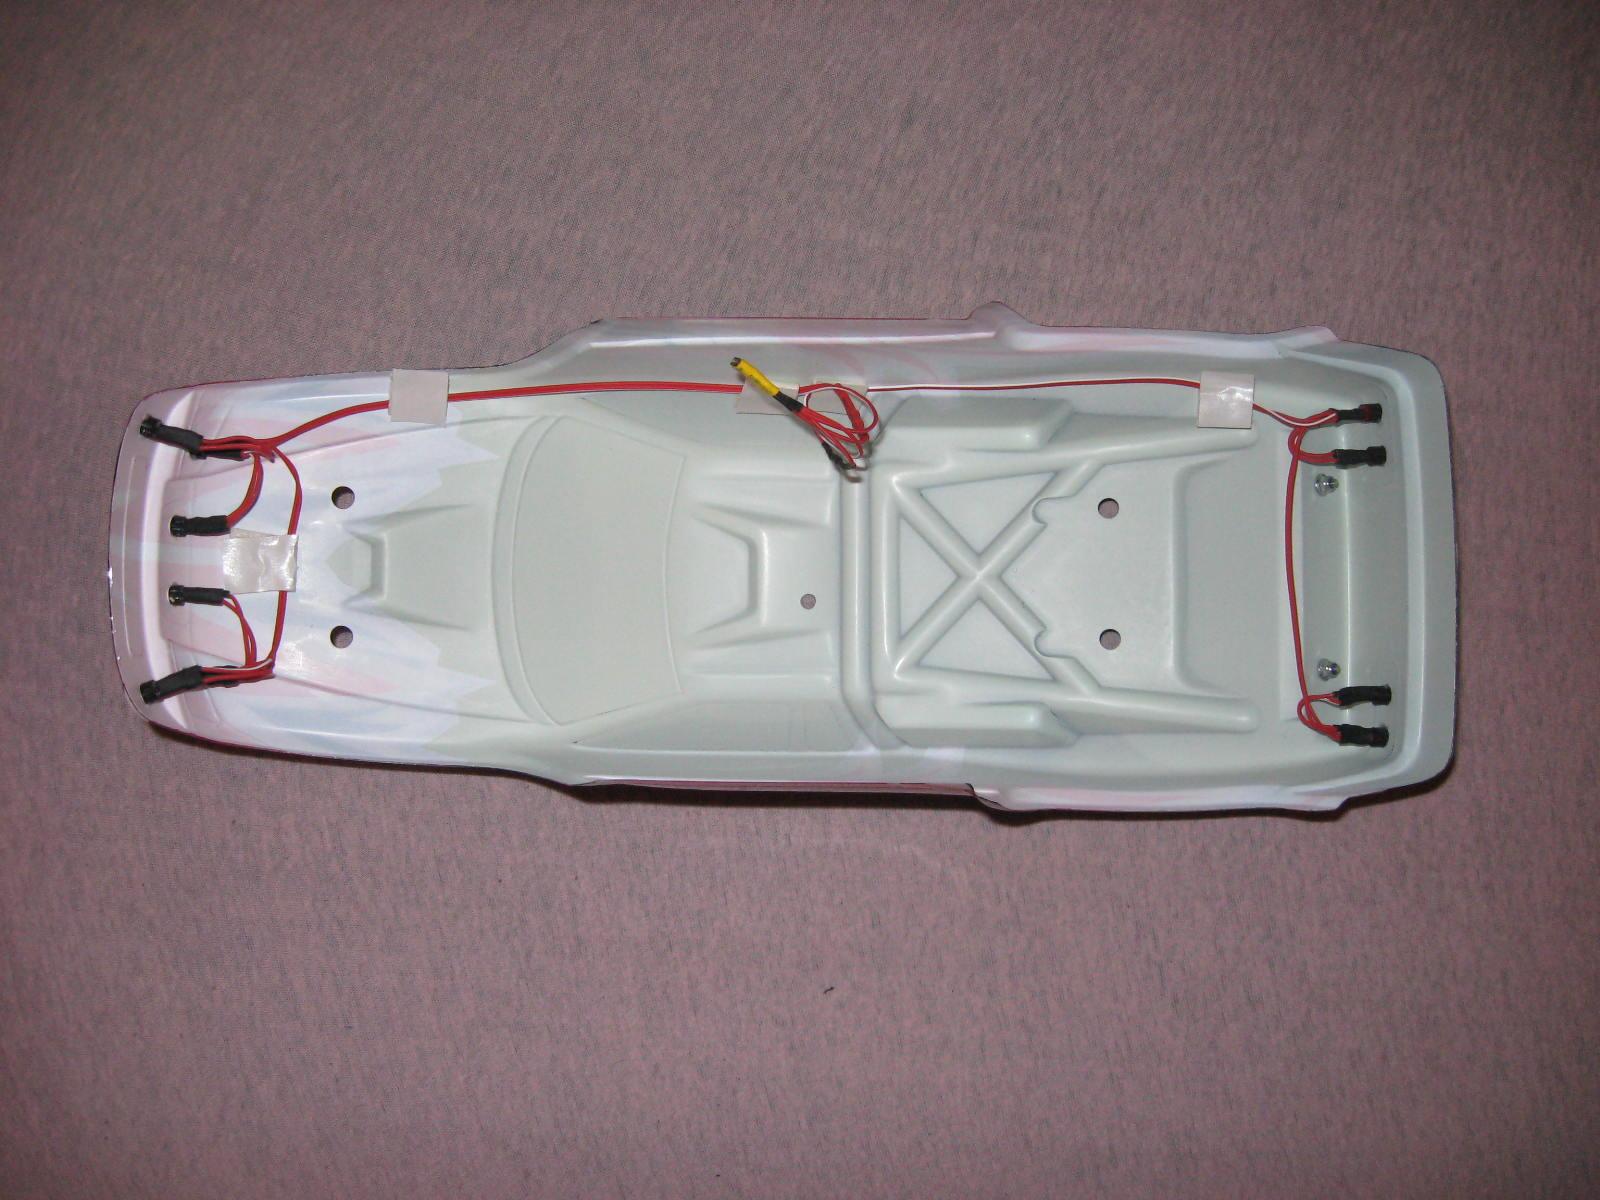 einbauanleitung f r beleuchtungen in auto modelle und rc cars. Black Bedroom Furniture Sets. Home Design Ideas